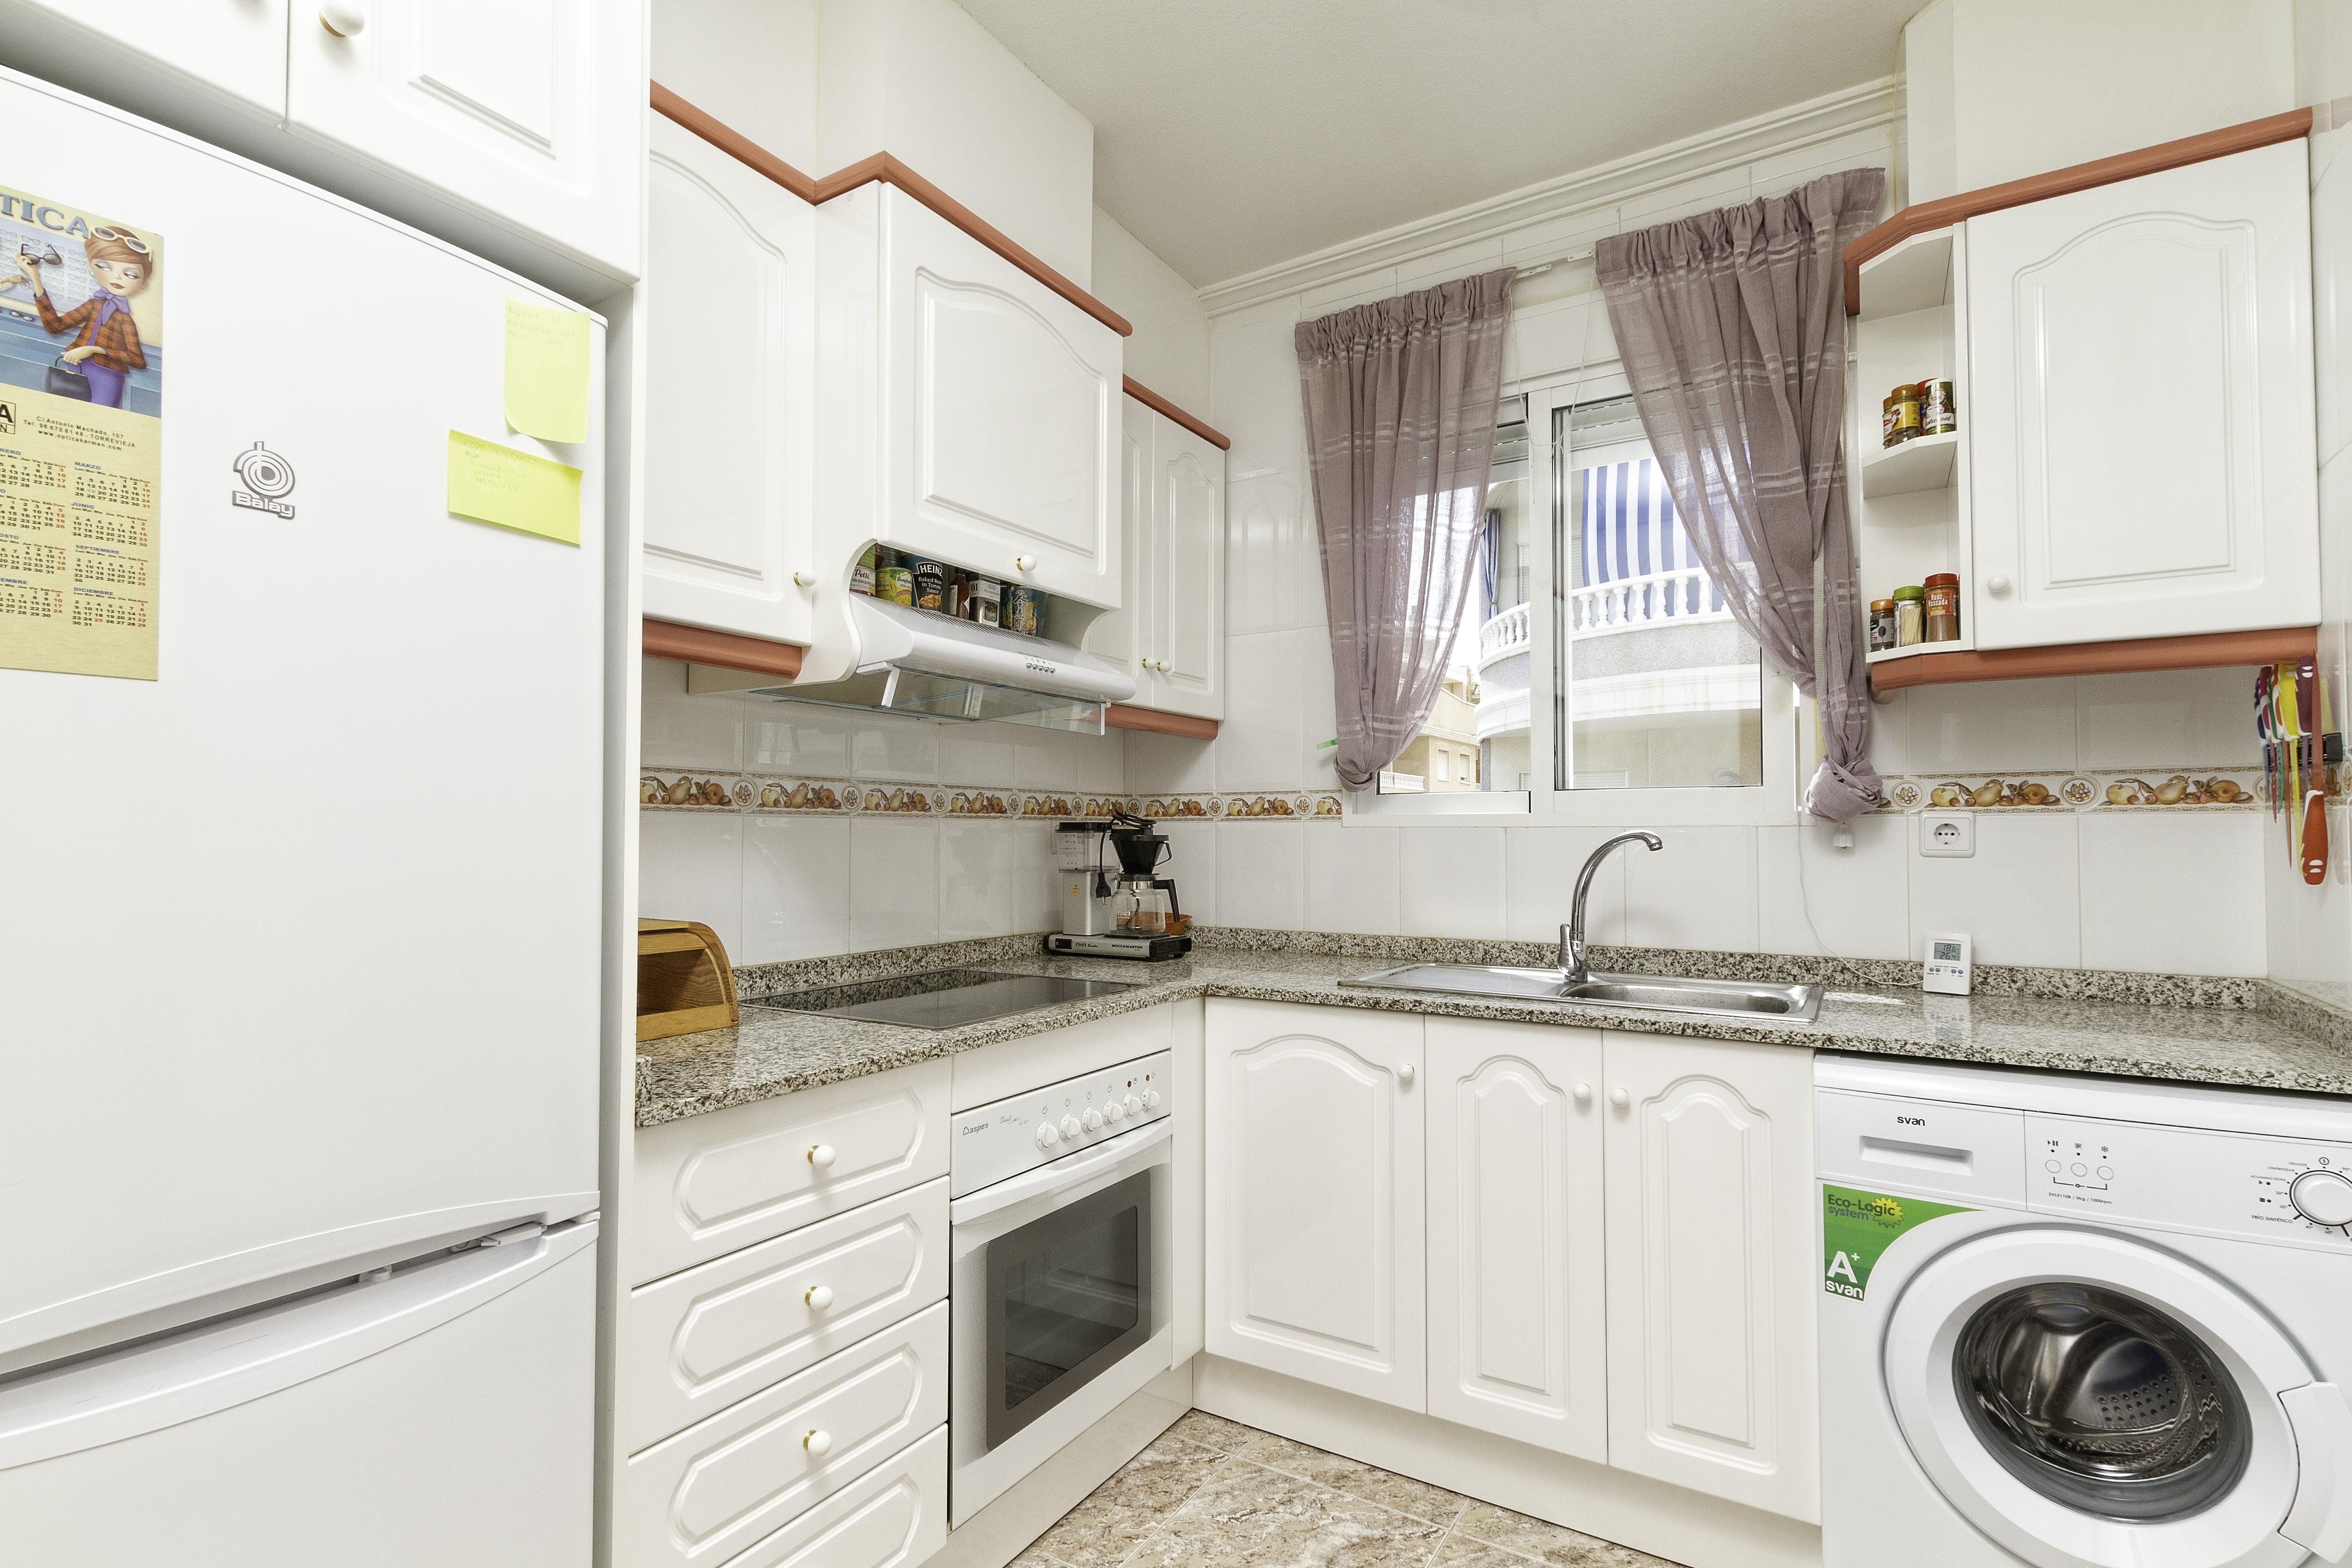 Appartement de vacances Geräumige Wohnung nur 500 Meter vom Strand entfernt (2611011), Torrevieja, Costa Blanca, Valence, Espagne, image 4